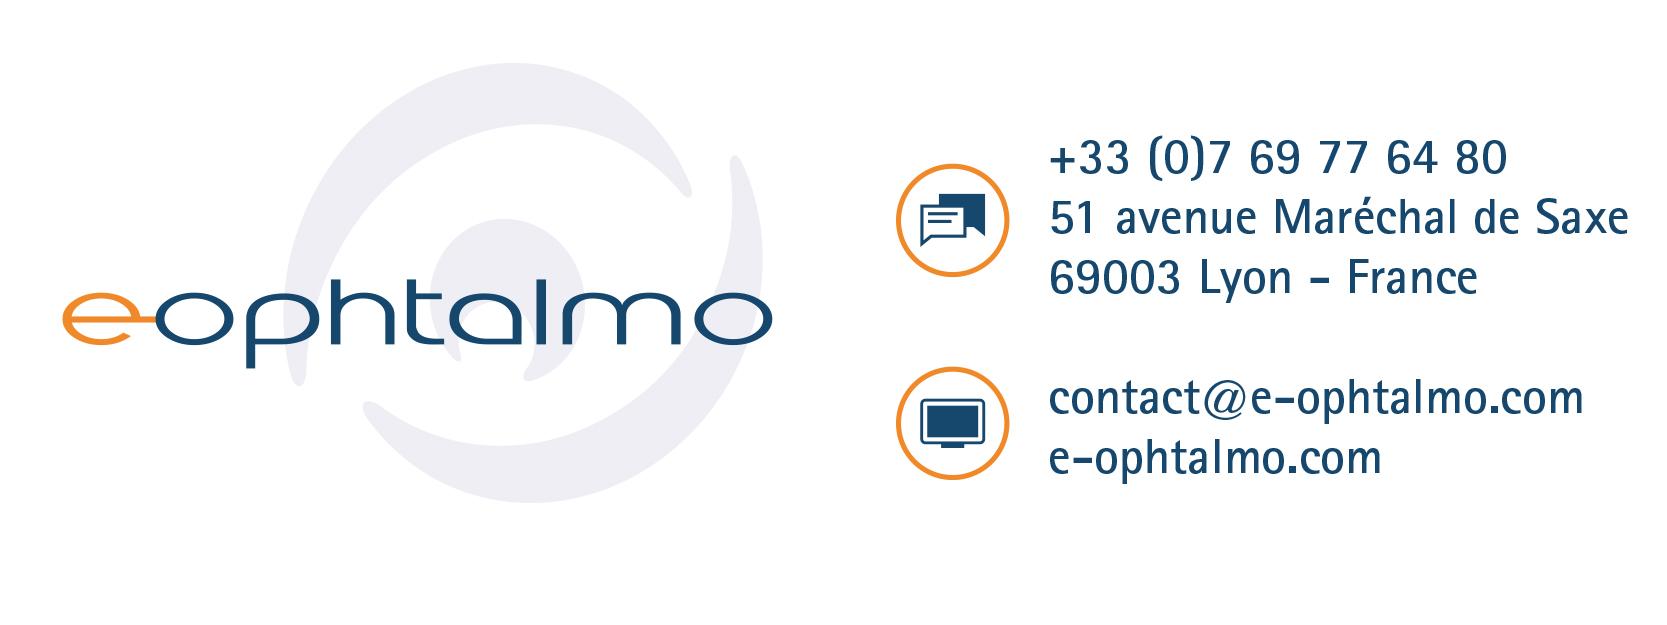 Contact e-ophtalmo